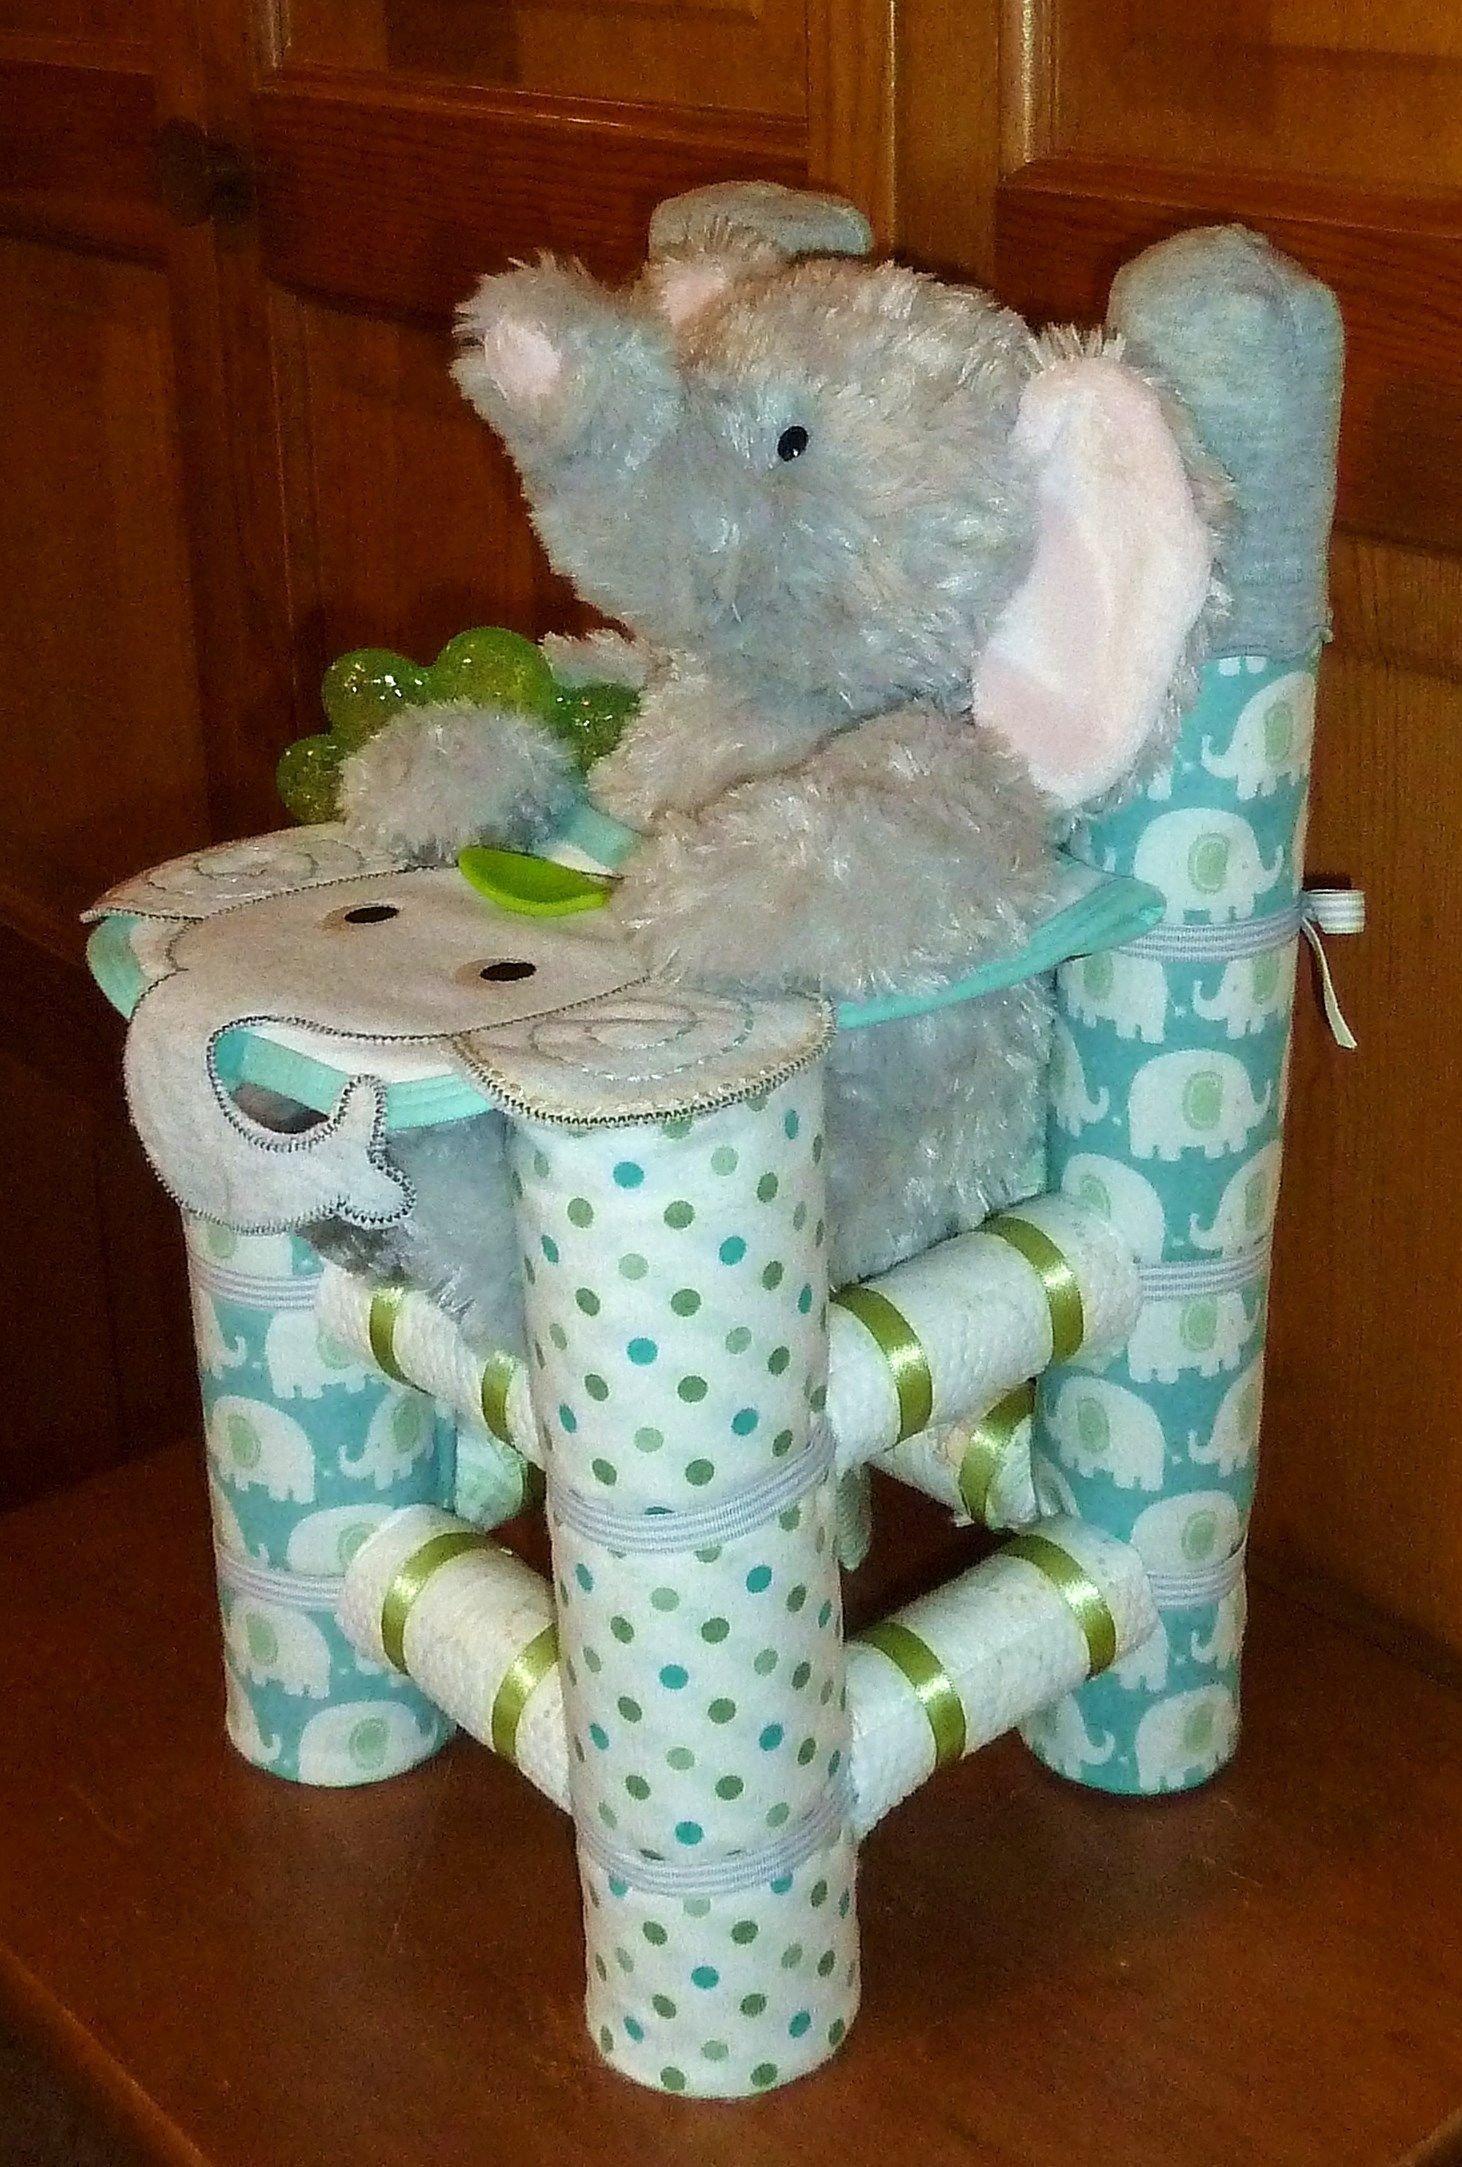 10 Pretty Diaper Ideas For Baby Shower Gift diaper high chair boy elephant www etsy shop creationsbydawne 1 2020